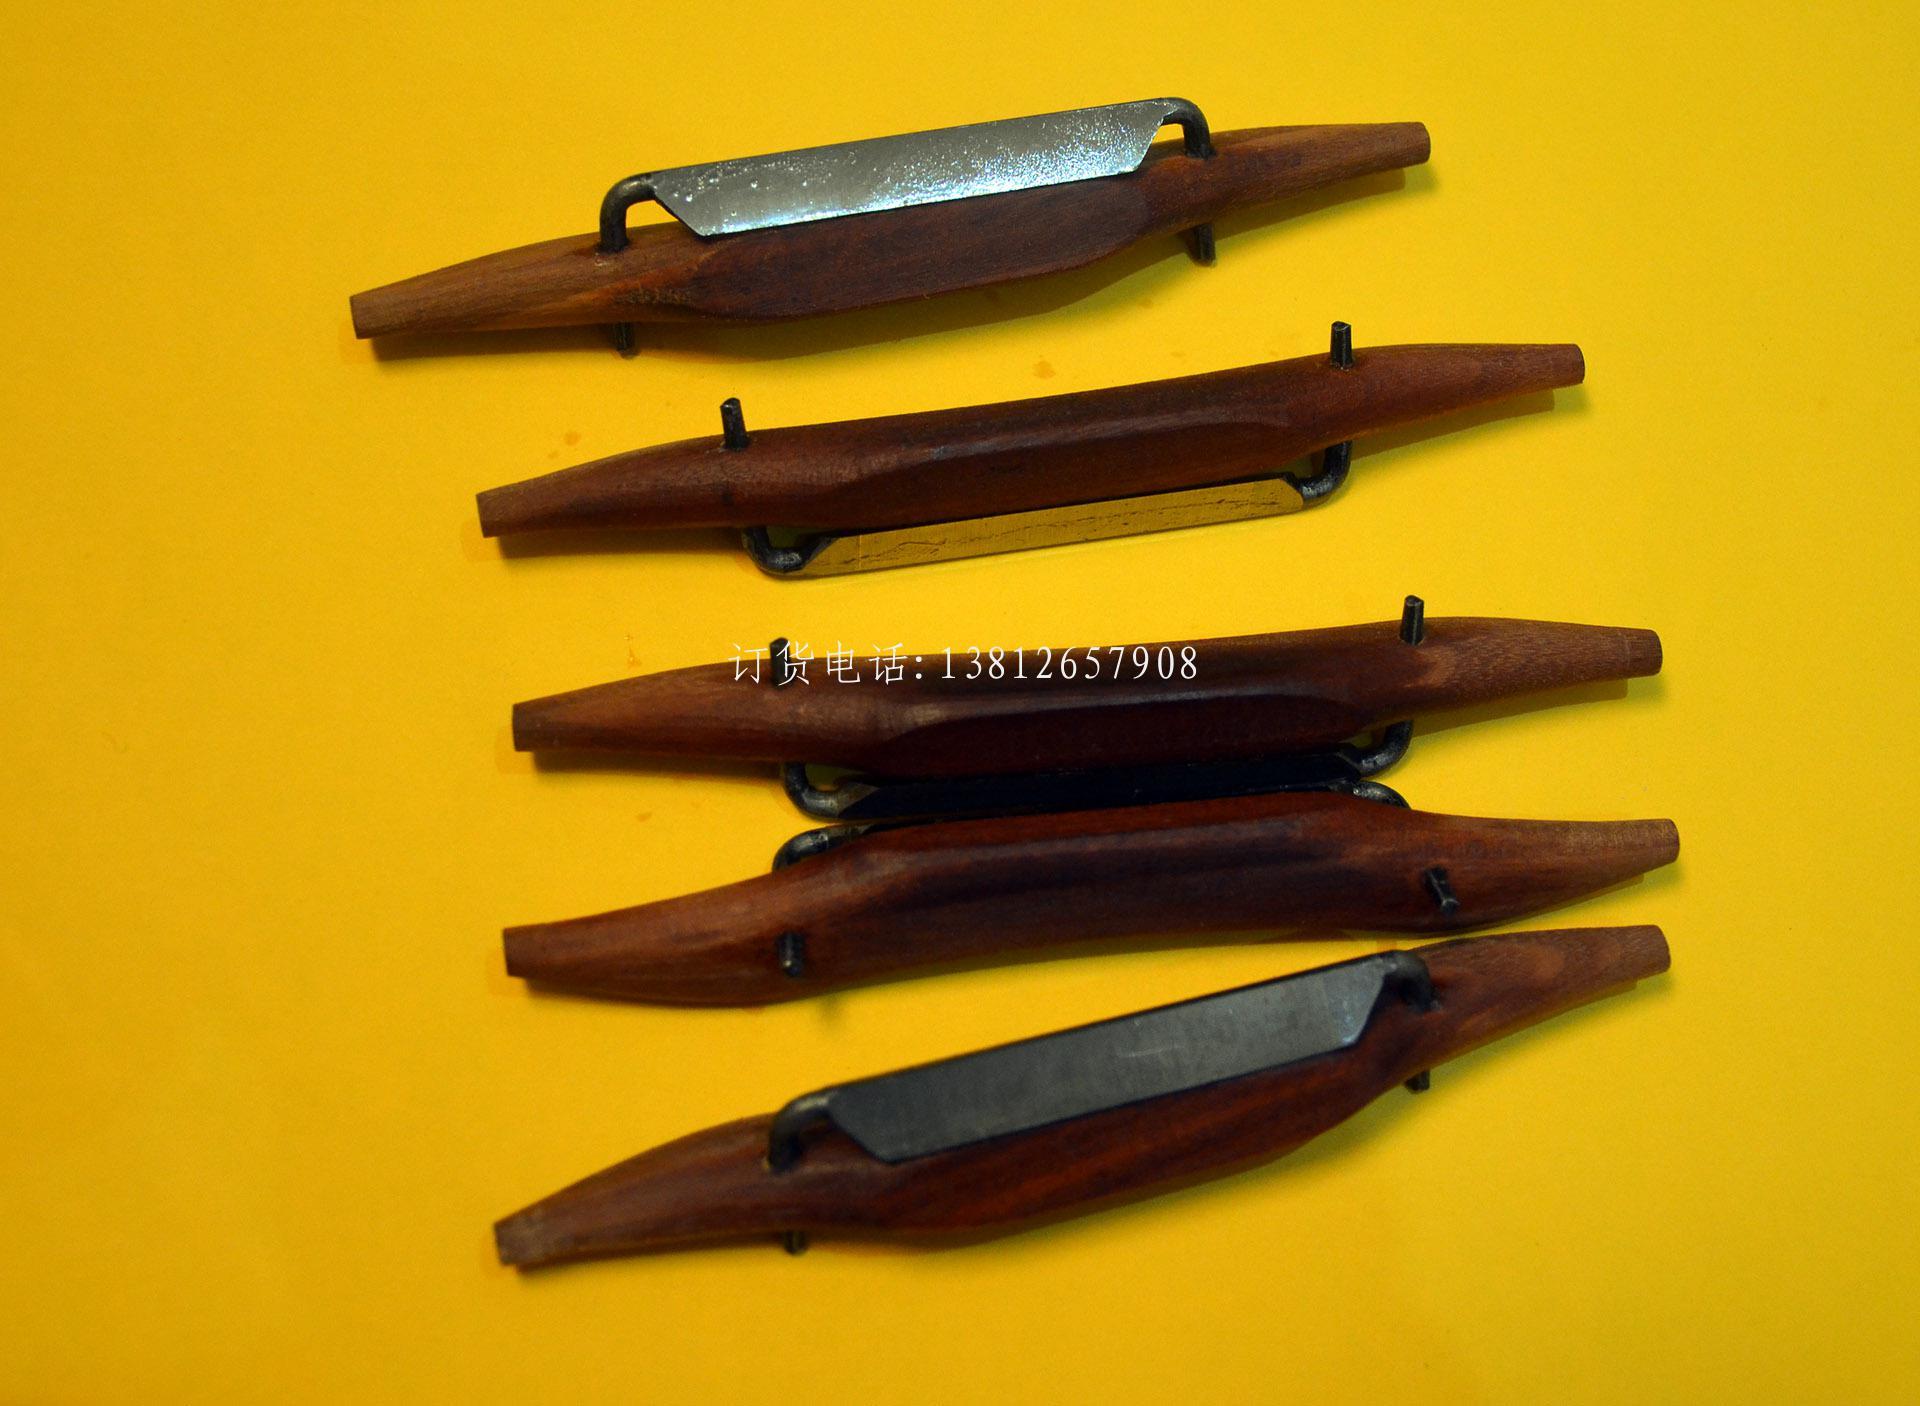 五金塑料刮披锋刀 注塑去披锋刀 钨钢披锋刀 第1张